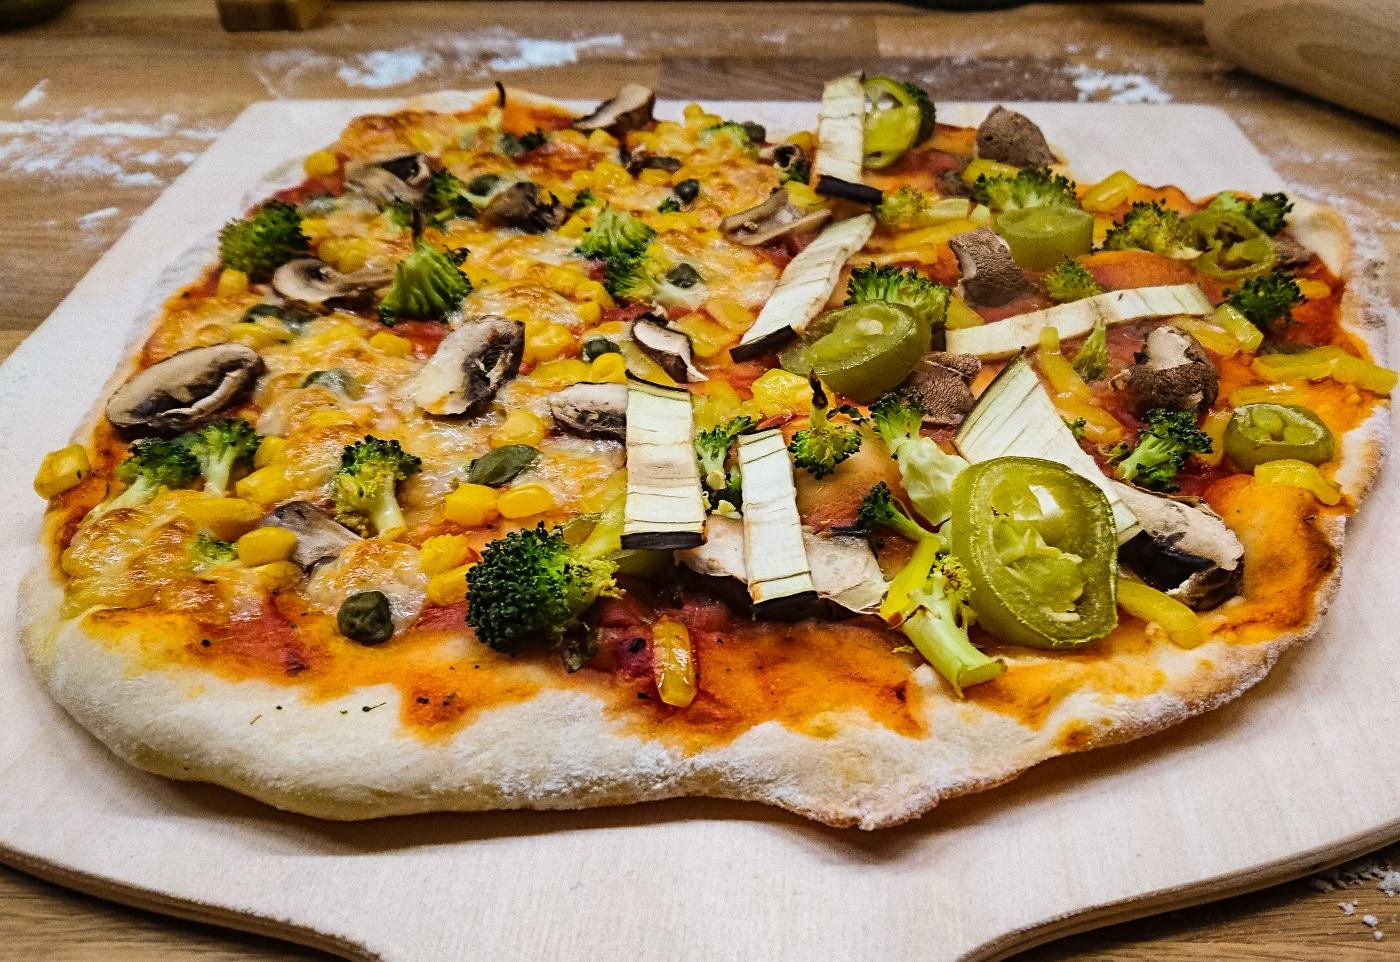 Pizza vegan colorida e agridoce